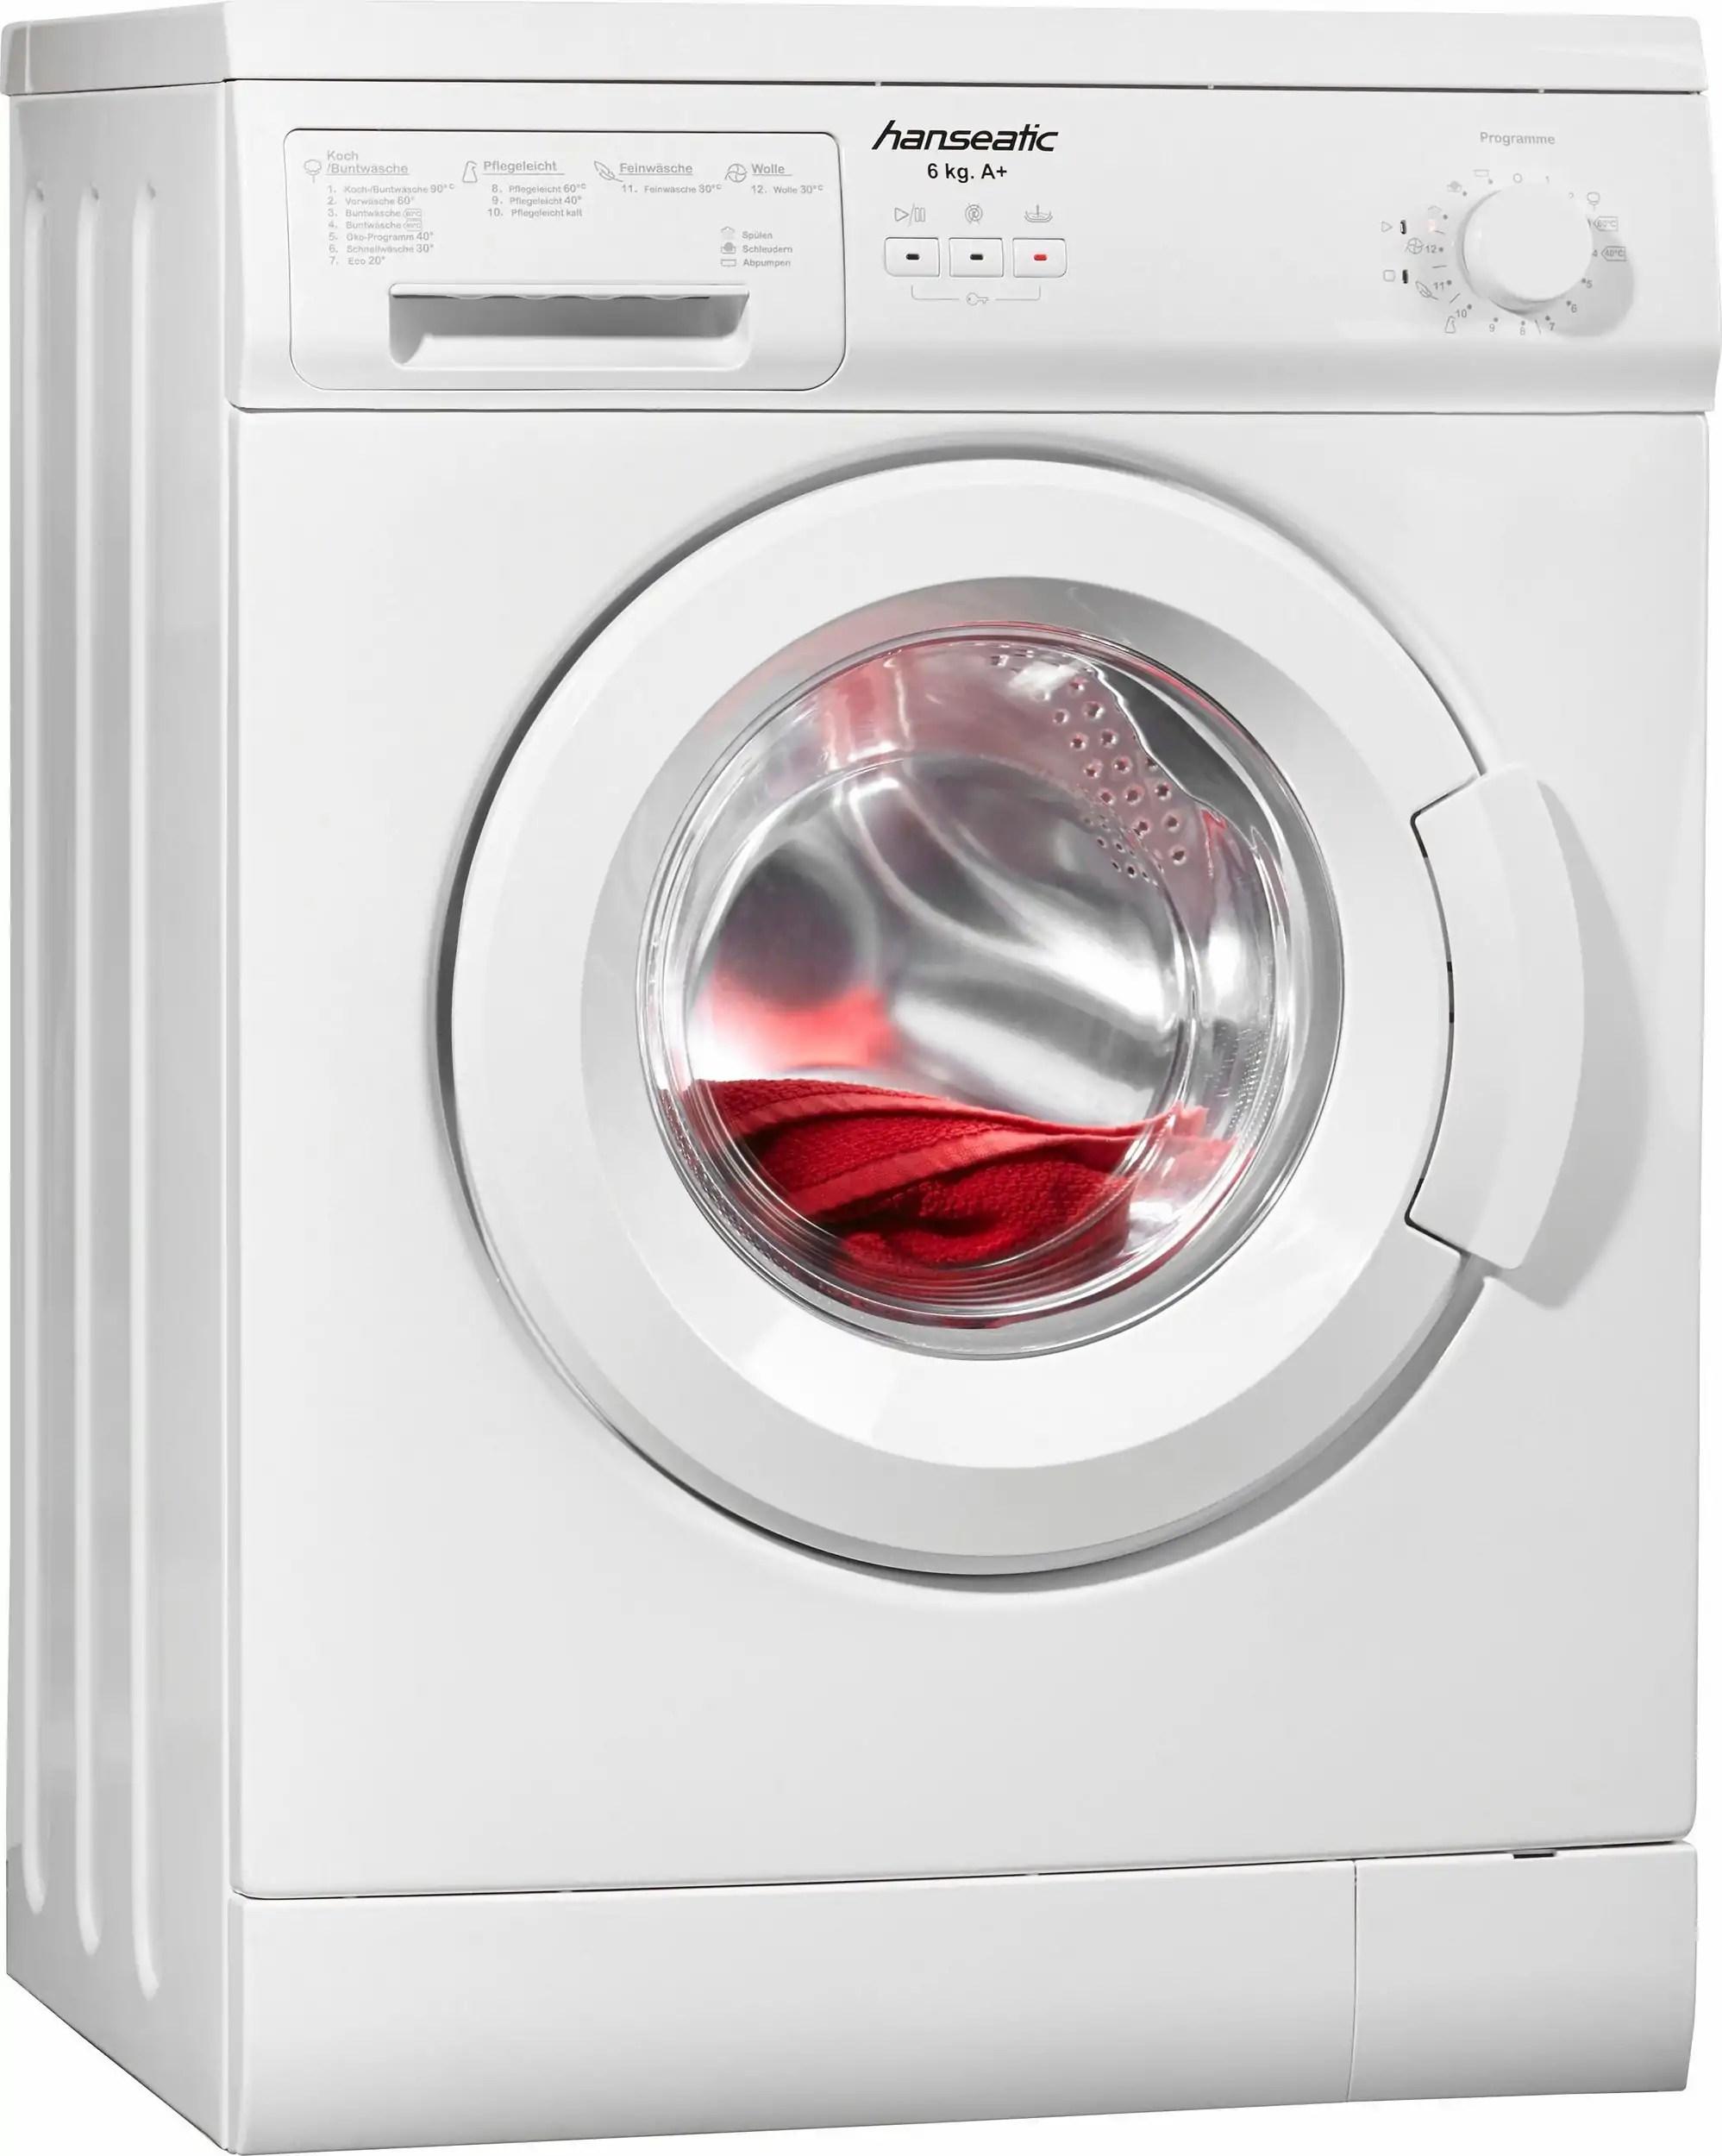 Bosch Wiw28440 Waschmaschine Im Test 2018